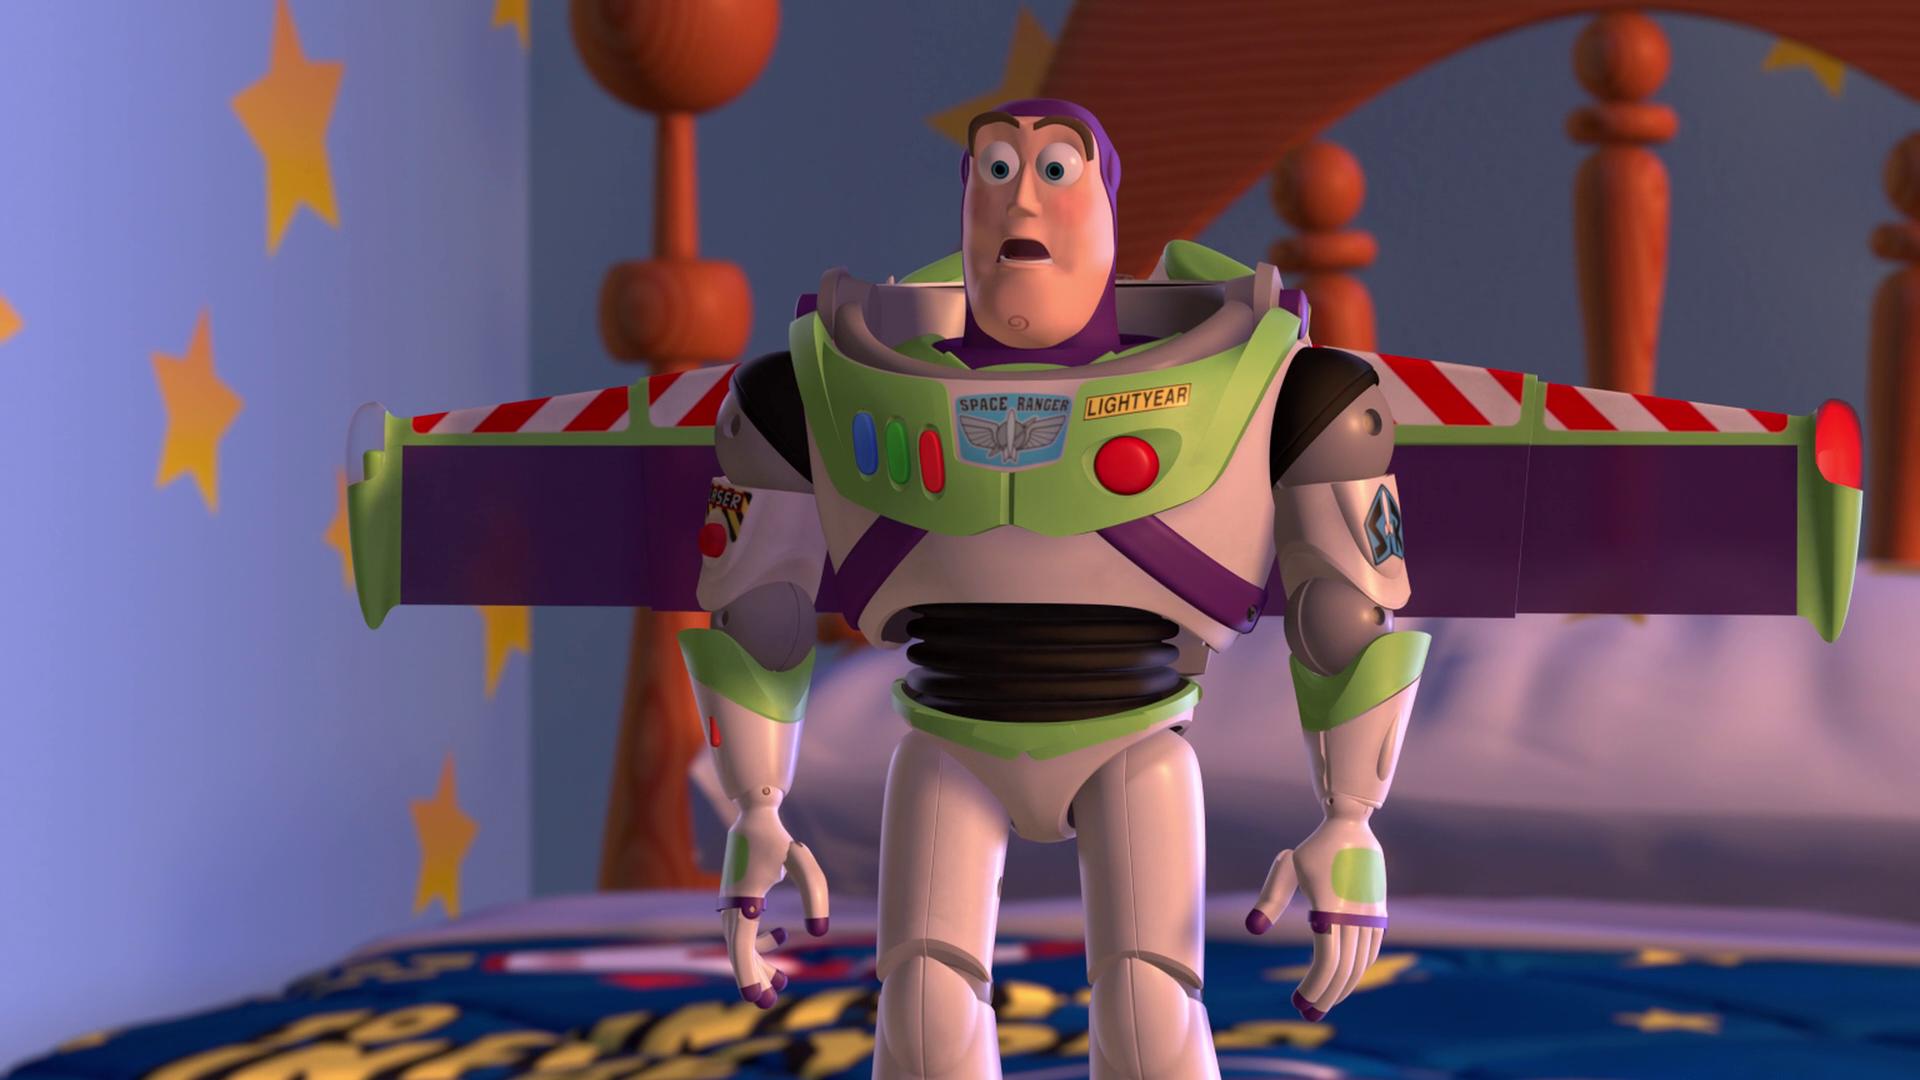 Adult Humor | Pixar Wiki | FANDOM powered by Wikia